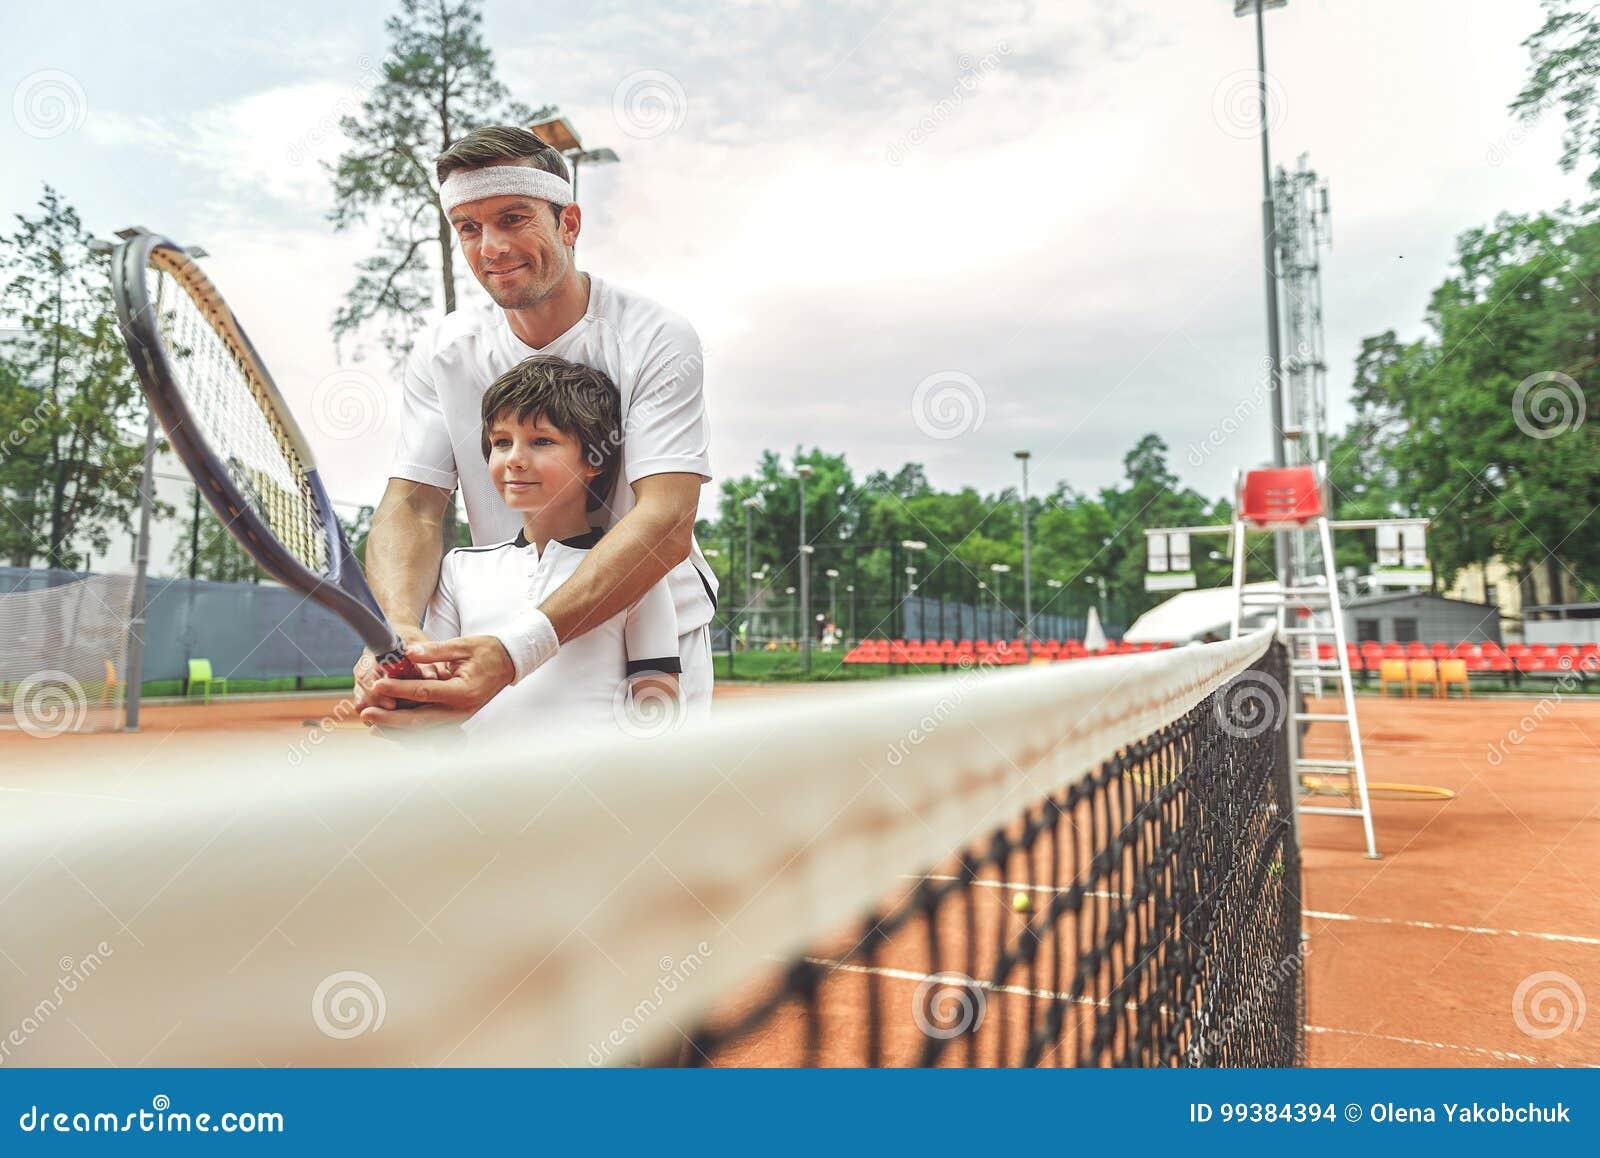 Filho de ensino do pai interessado para jogar o tênis